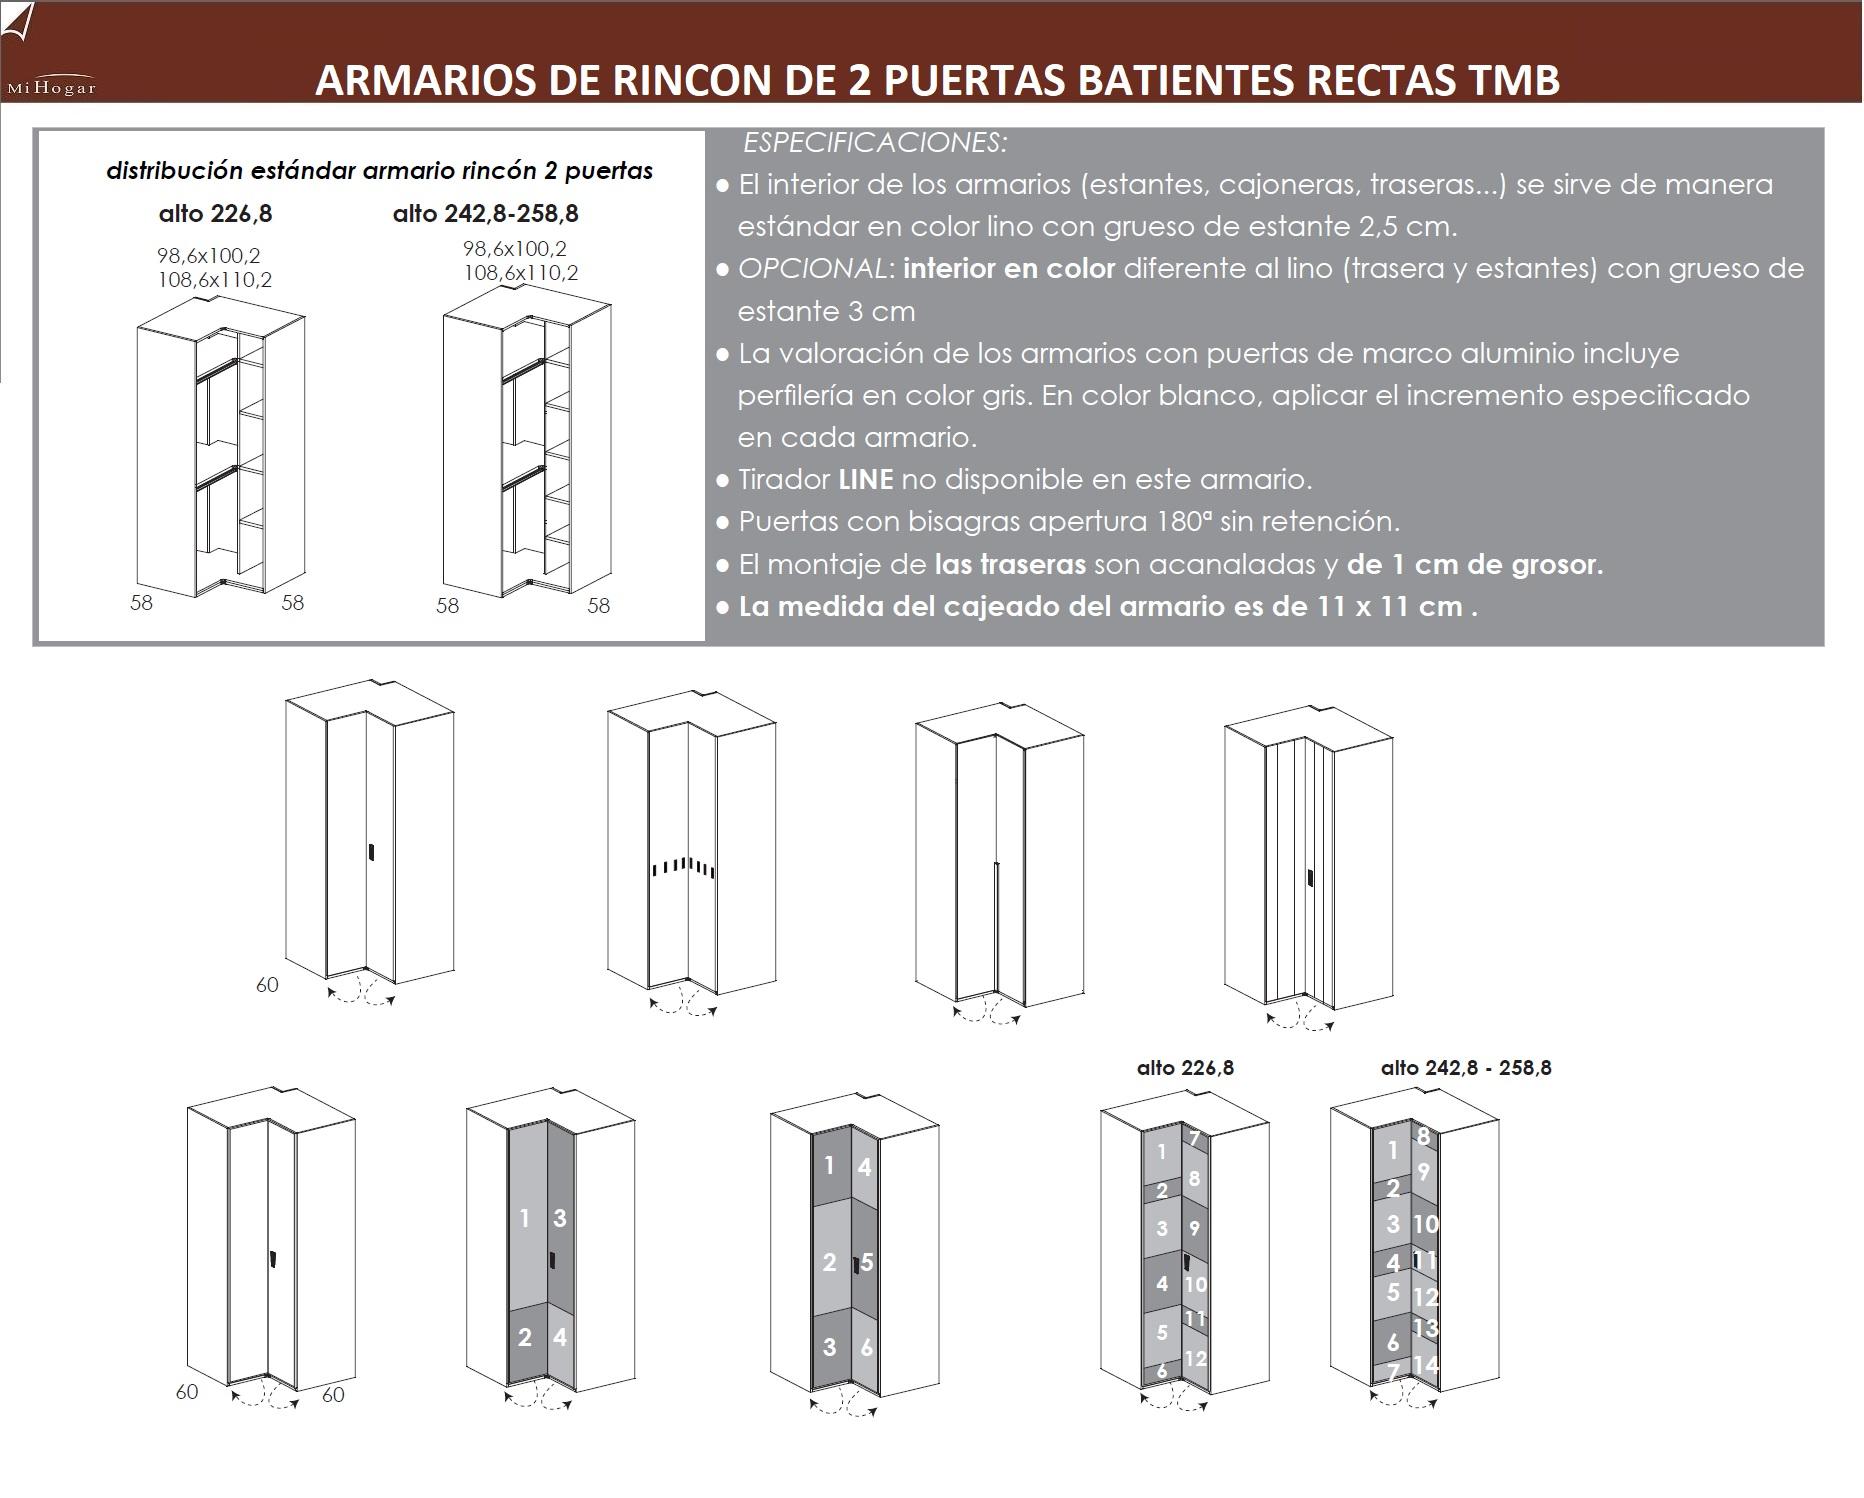 Medidas estandar puertas interiores - Medidas de puertas de interior ...